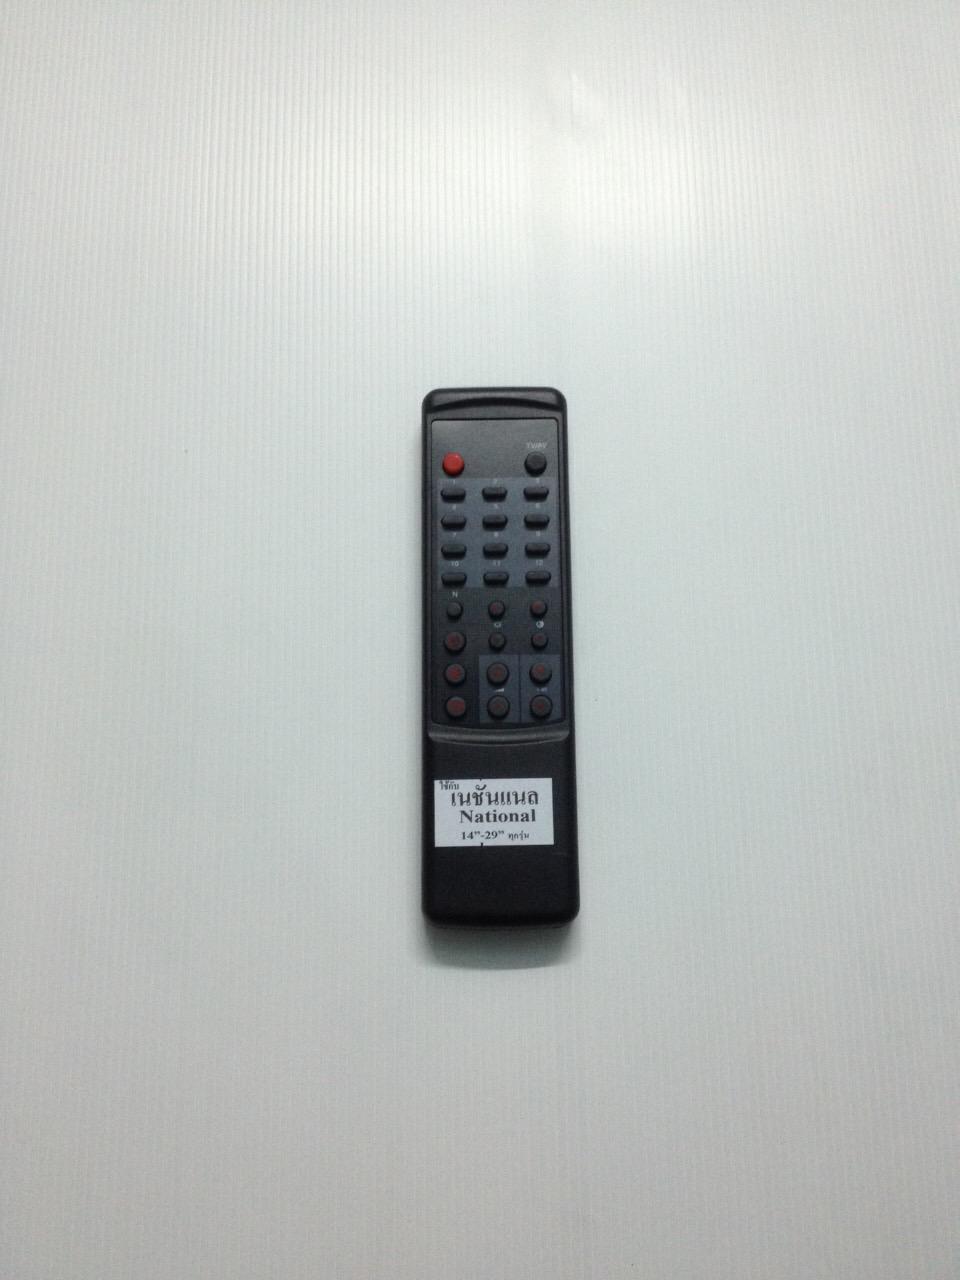 รีโมททีวีเนชั่นแนลจอธรรมดา National ยาว